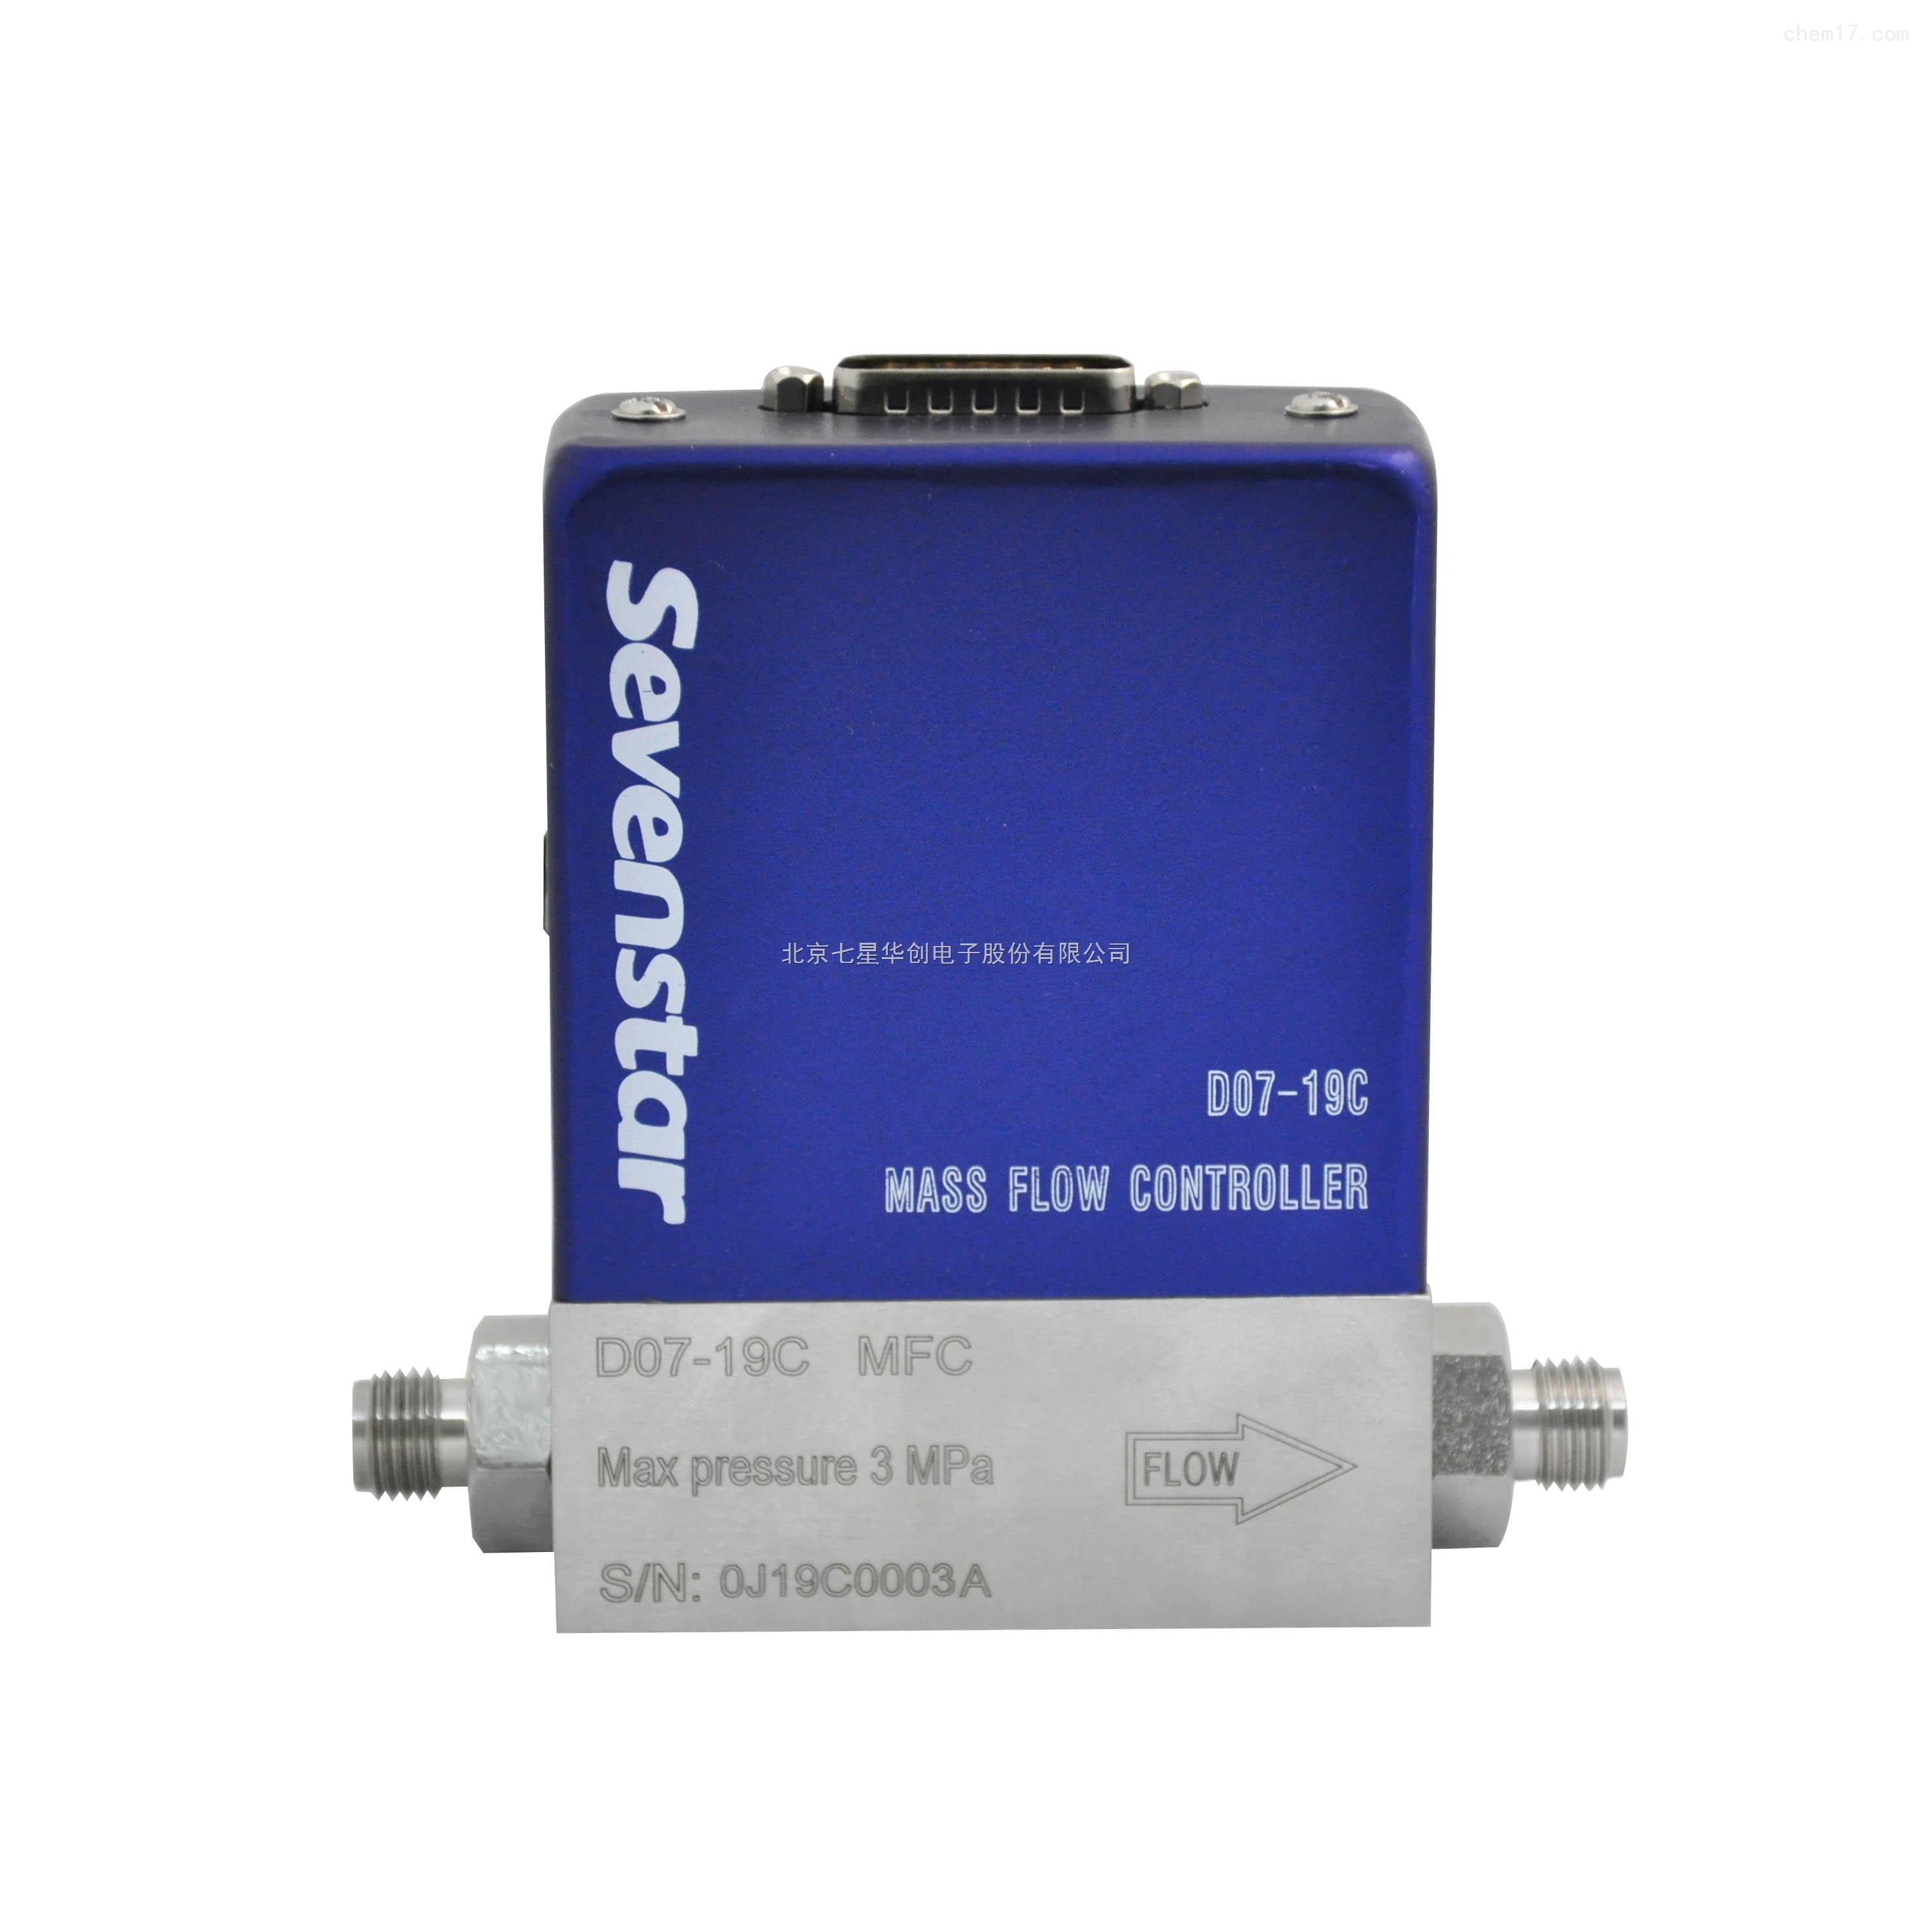 国产气体质量流量控制器